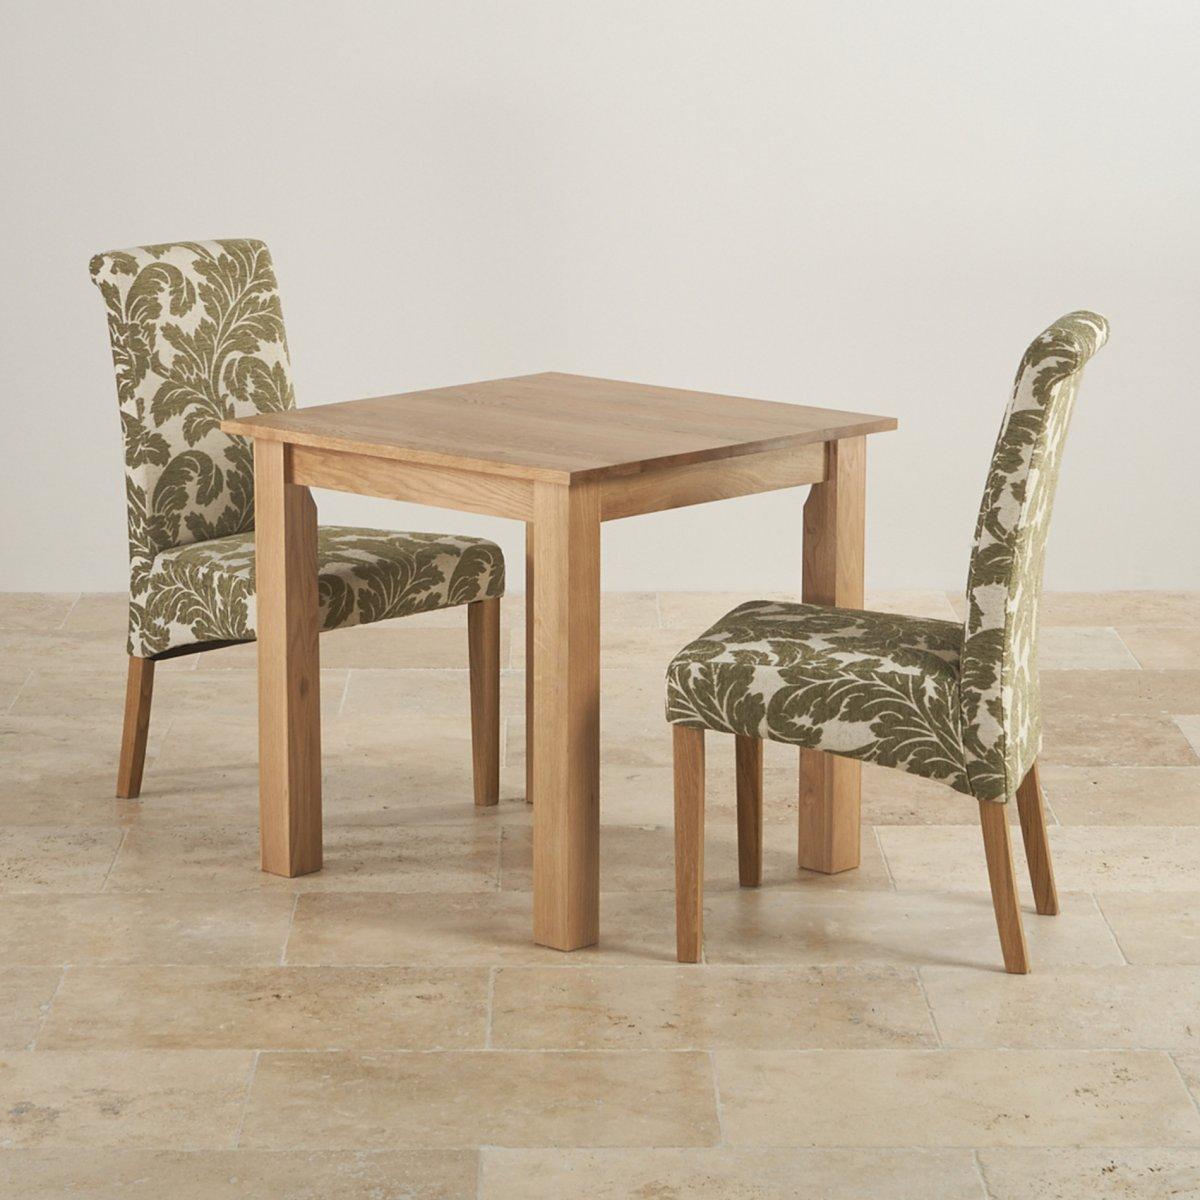 Oak Dining Sets: Hudson Dining Set In Solid Oak: Table + 2 Patterned Beige